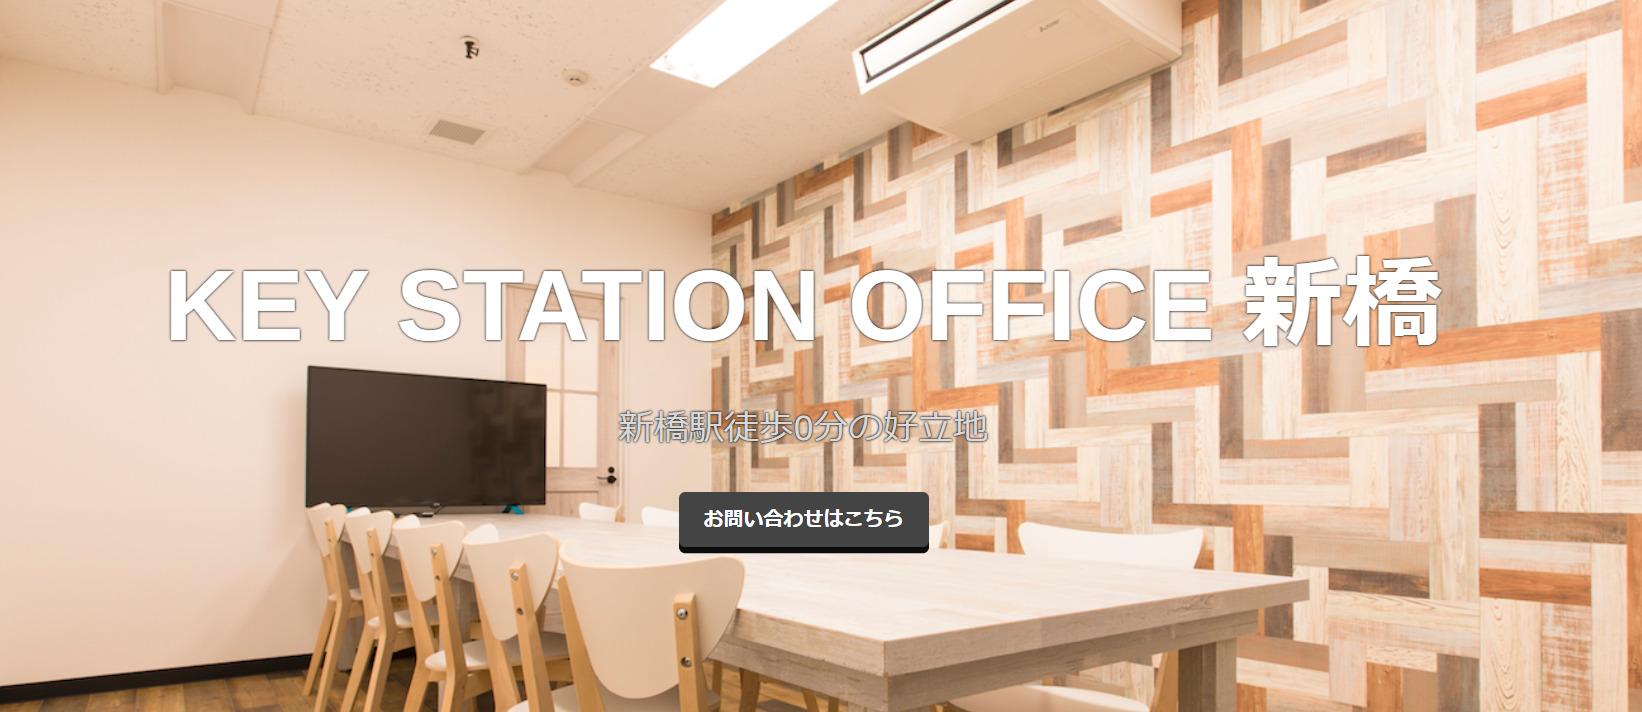 バーチャルオフィス KEY STATION OFFICE 新橋